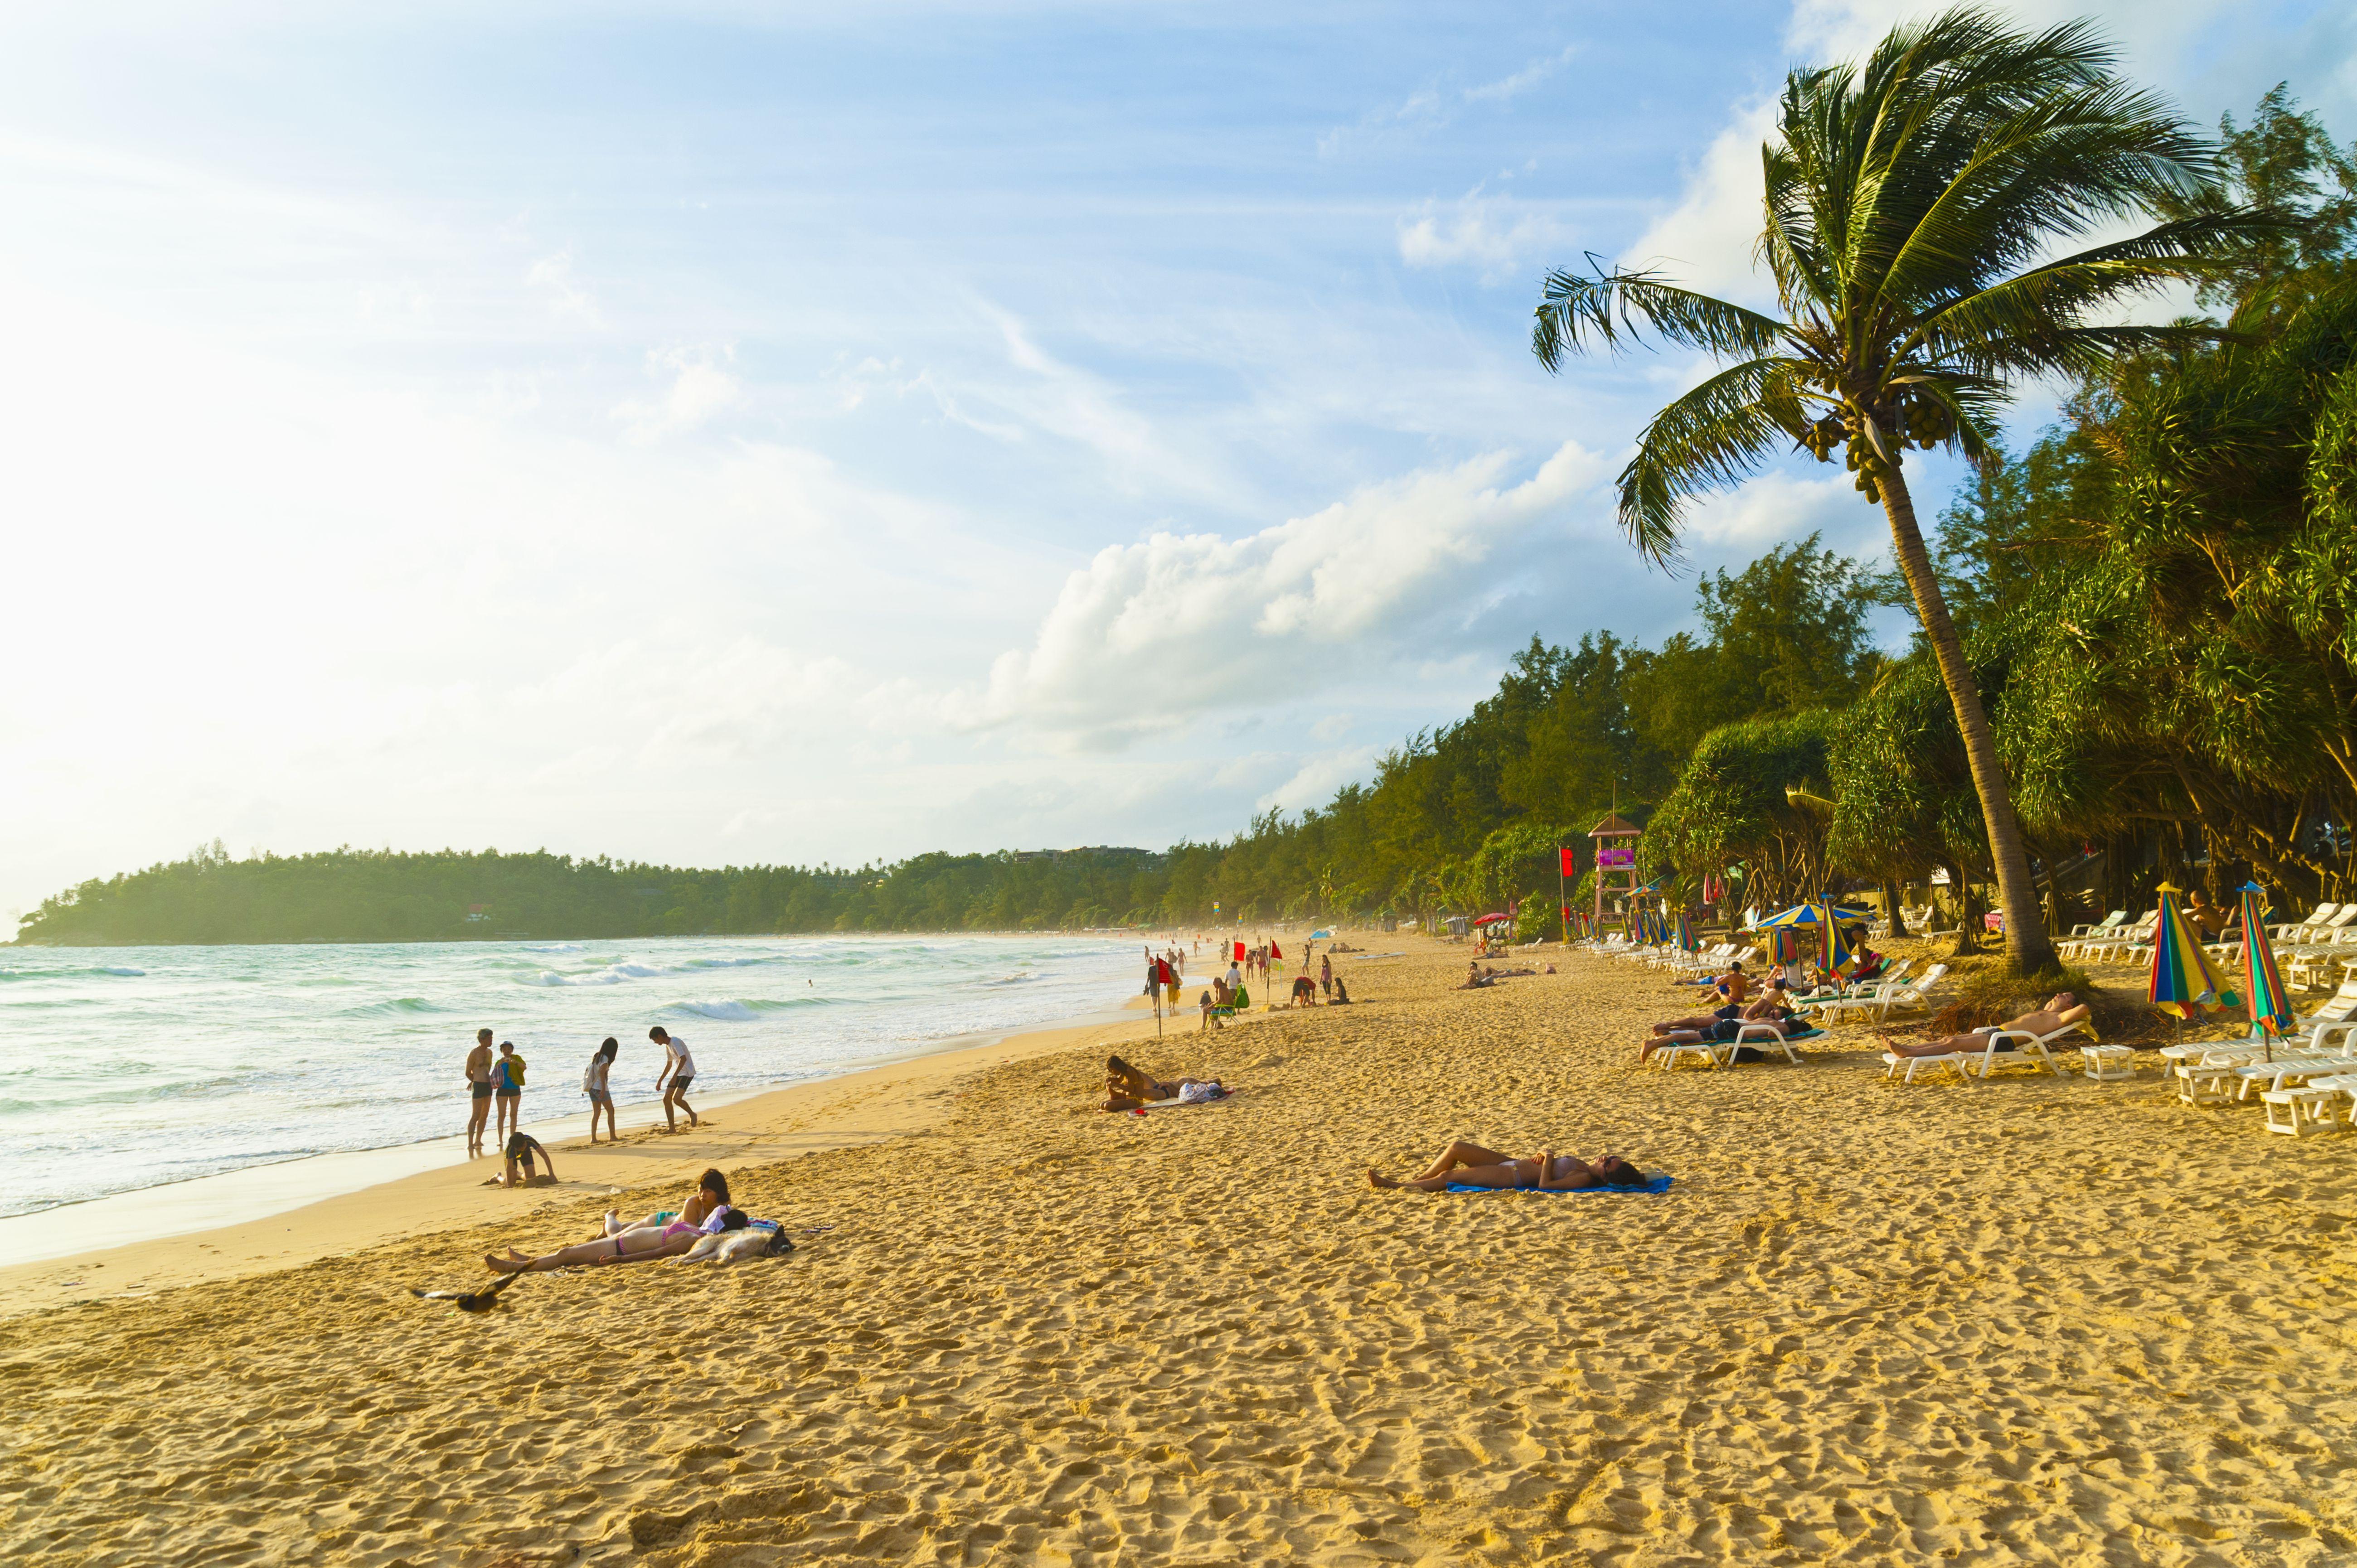 Sunbathers on golden sand along Kata Beach